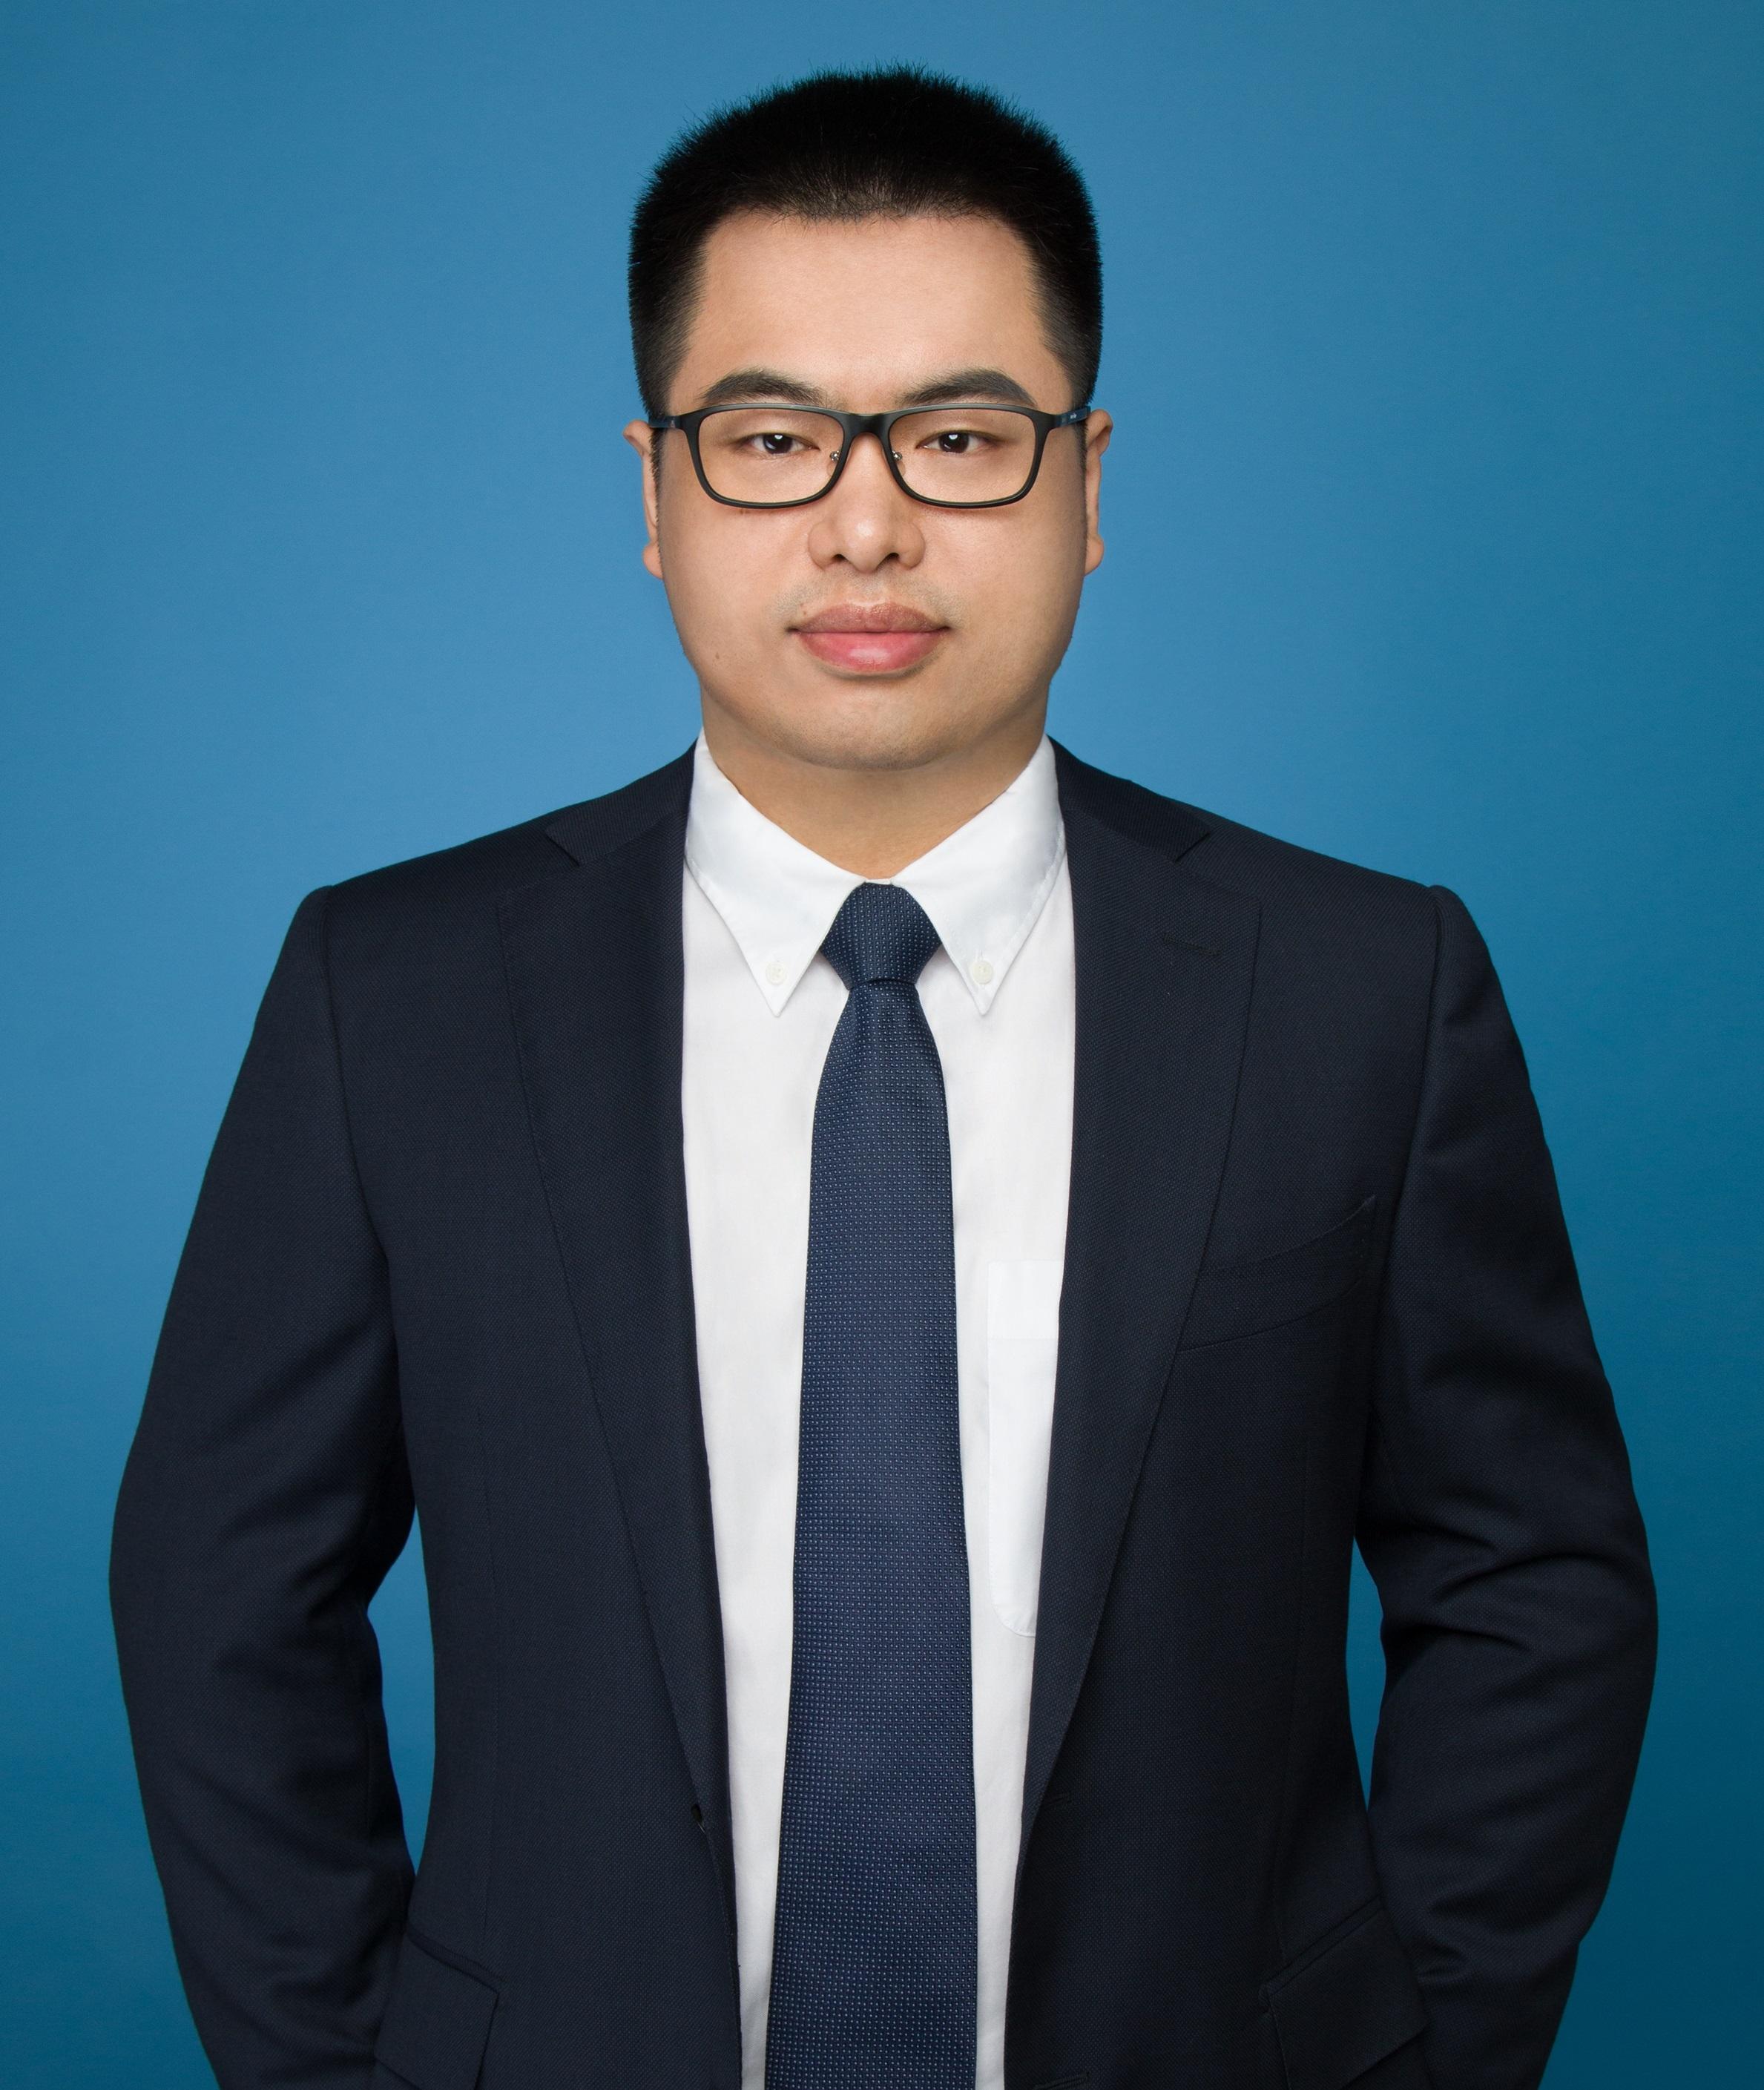 博士,SCIEX生物药市场高级工作流程经理,南京大学分析化学博士,多年来专注生物制药领域分析方法研究和市场推广,熟悉质谱,色谱,电泳等理化分析手段及其应用情况。